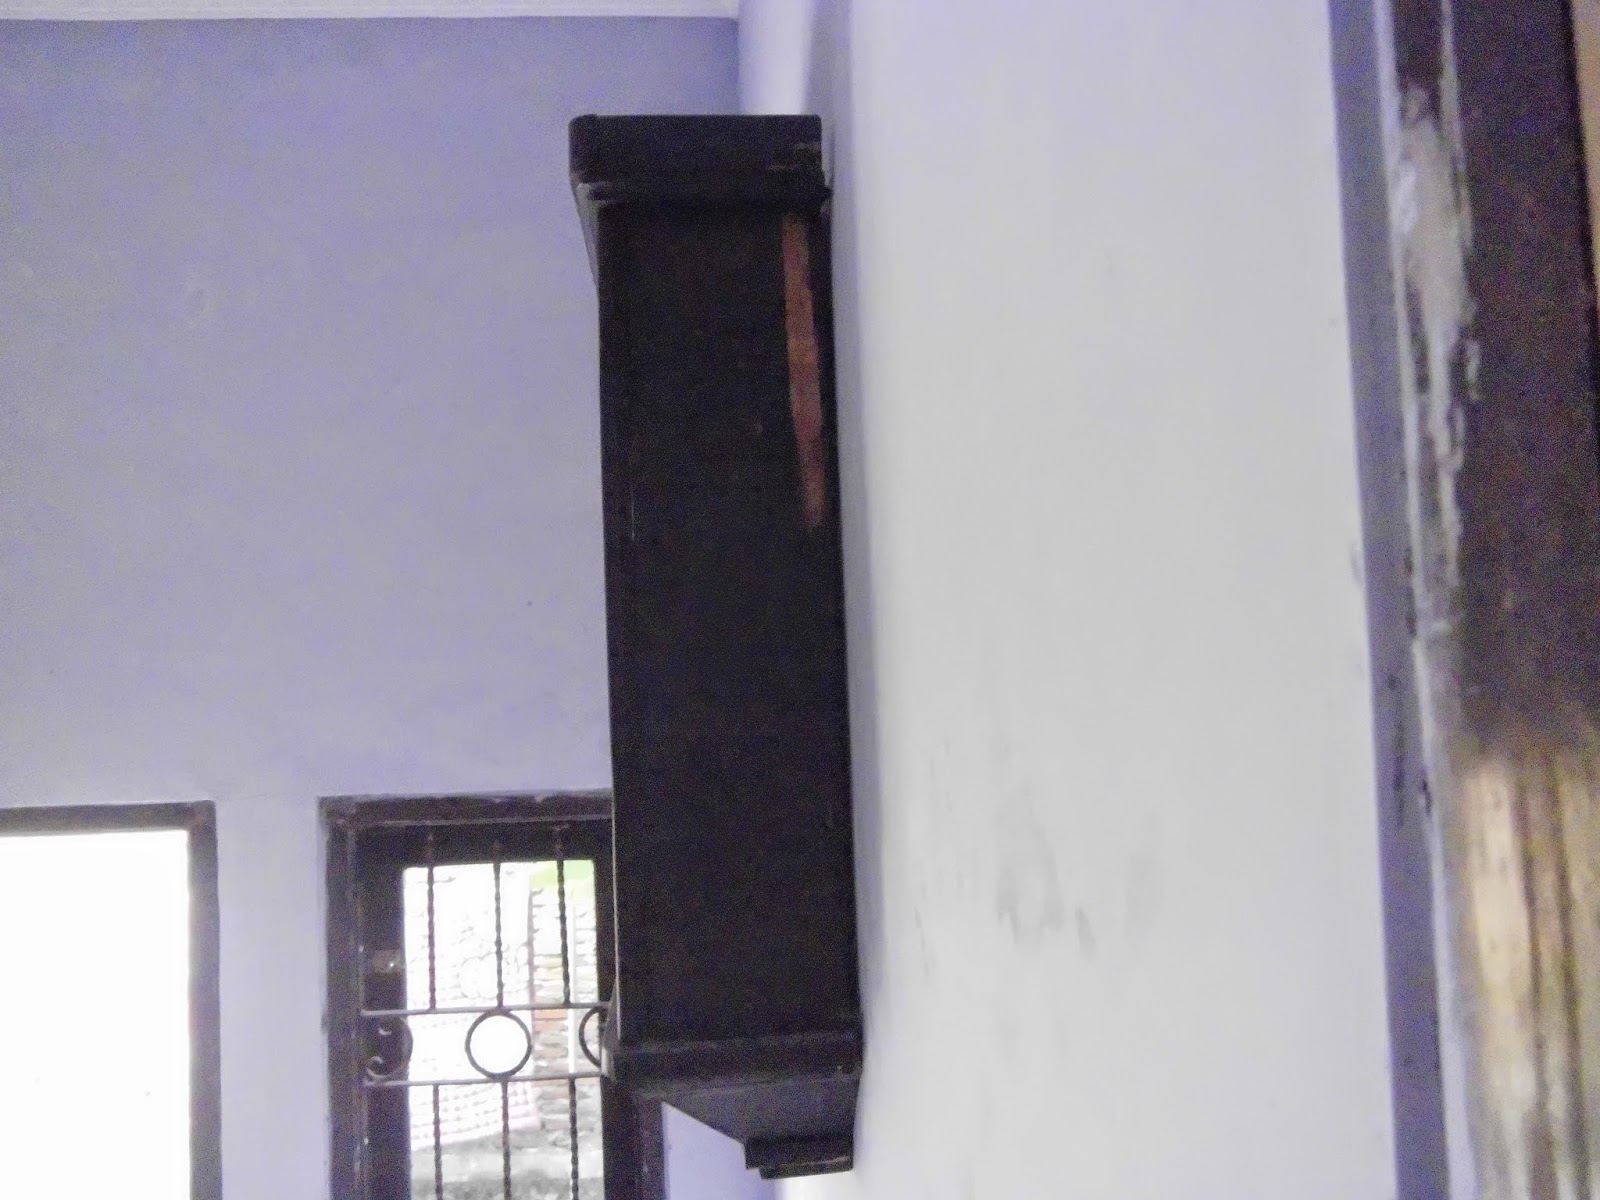 kondisi plat jam sedikit kusam karena faktor usia box jam terbuat dr kayu  beberapa bagian kayu bok ada yg terkelupas. KAMI TAWARKAN DGN HARGA  BERSAHABAT. 7cb8e20658